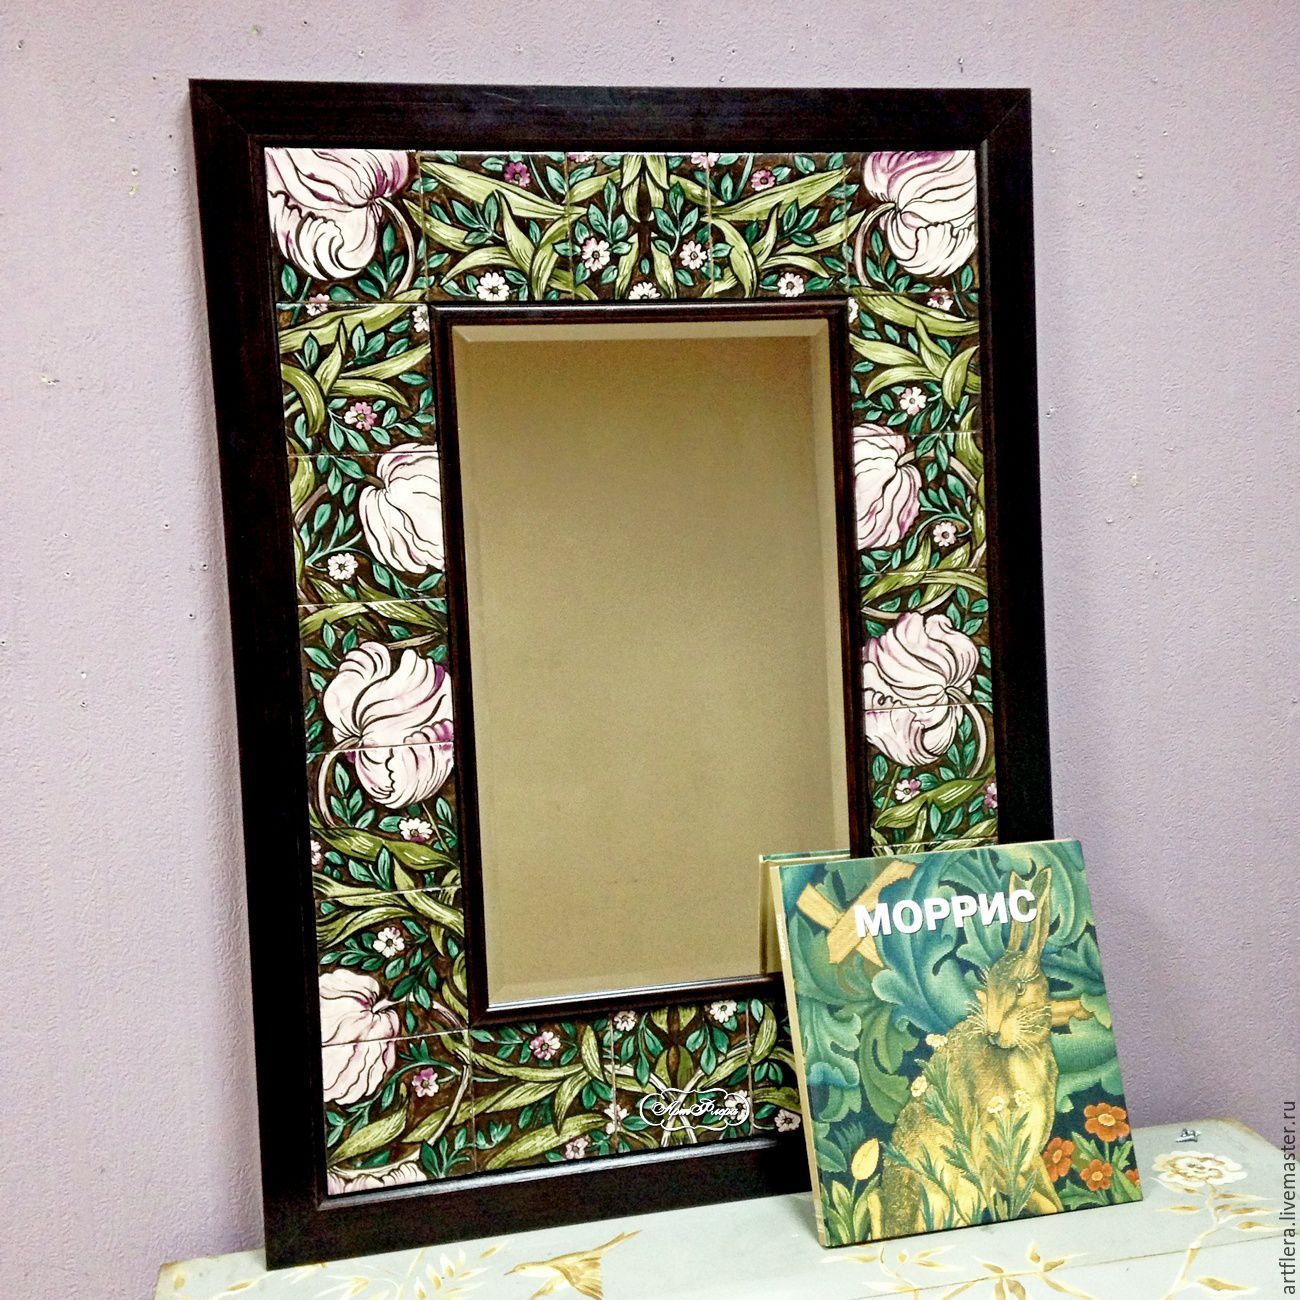 Декор зеркала своими руками : 10 мастер классов и 50 фото